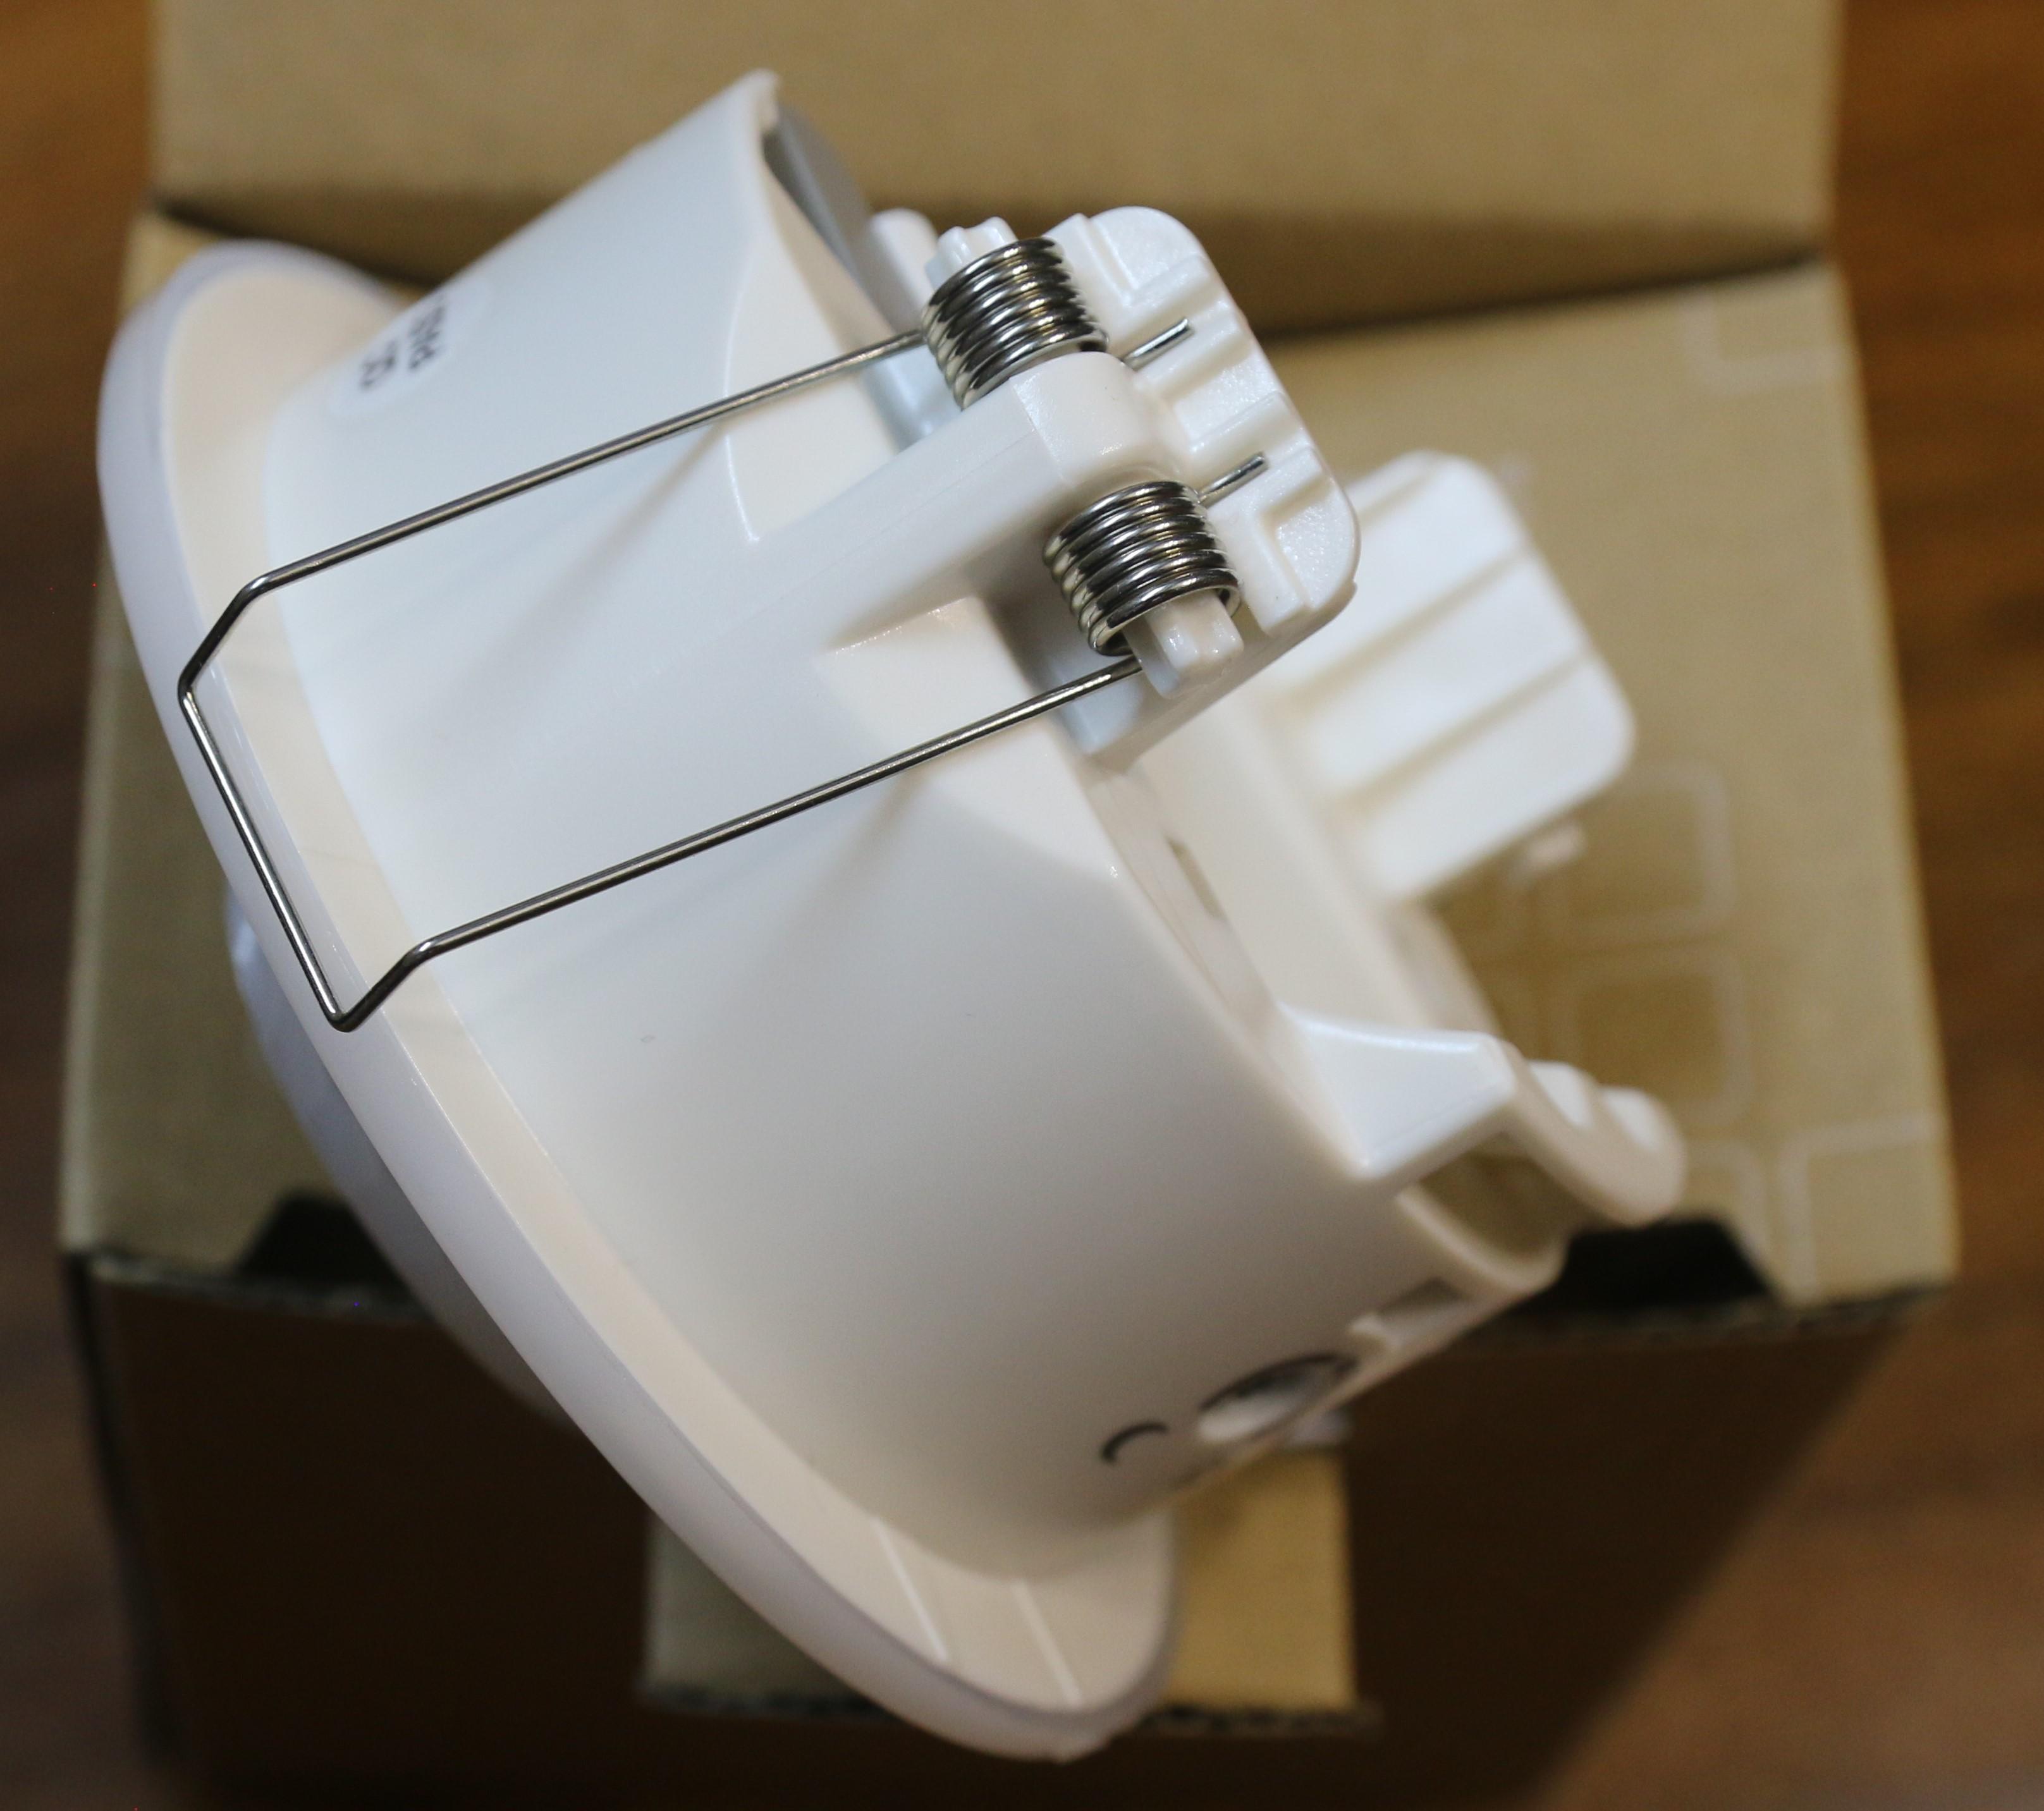 CẢM BIẾN CHUYỂN ĐỘNG GẮNG ÂM TRẦN EE805A - HAGER - PHÁP, Loại cảm biến dùng cho chiếu sáng tự động, báo động. Thiết kế nhỏ gọn phù hợp mọi không gian, tầm quét rộnh đảm bảo cho khôing gian sử dụng rộng